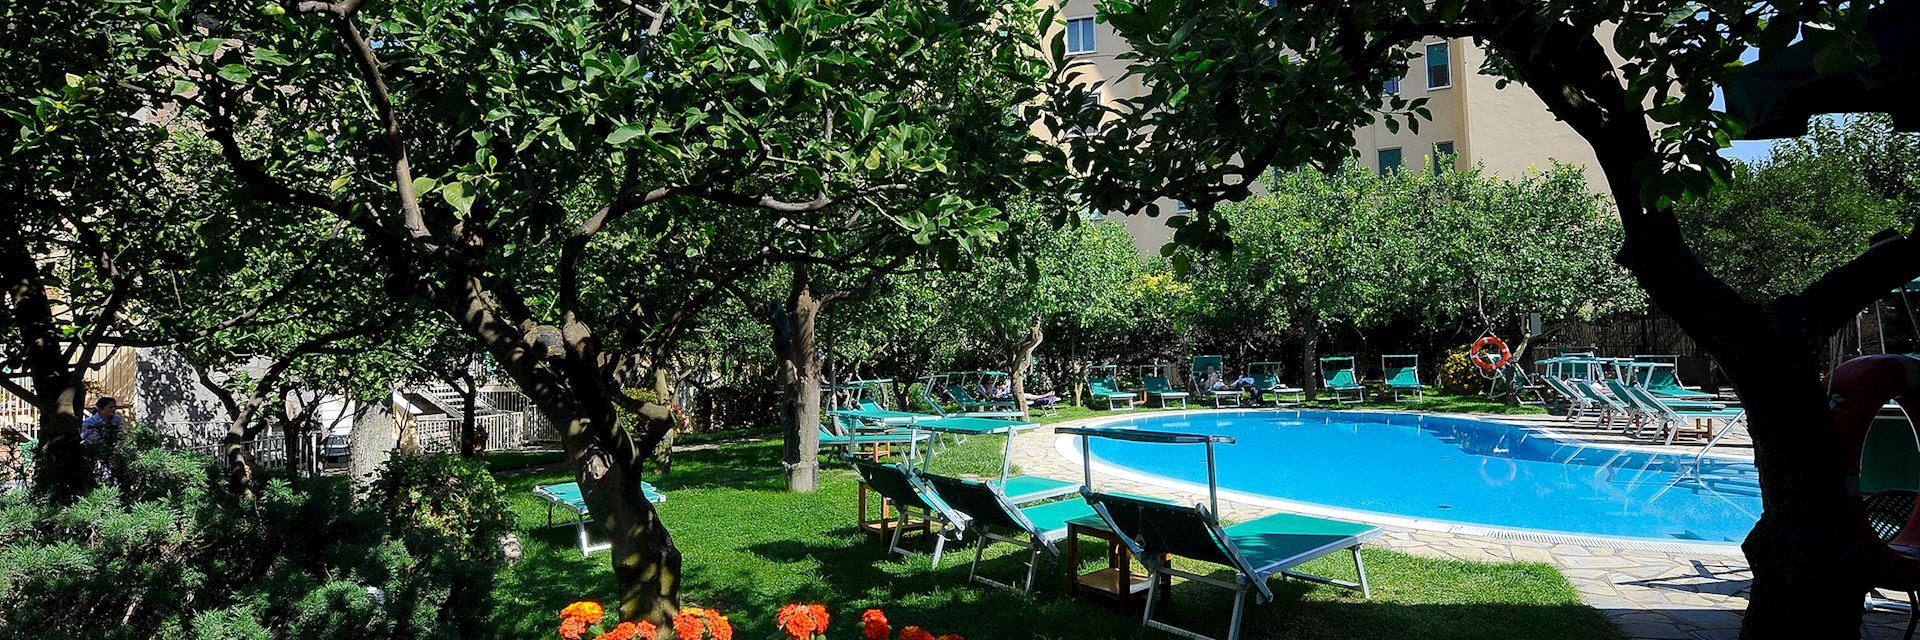 Hotel Antiche Mura, Sorrento